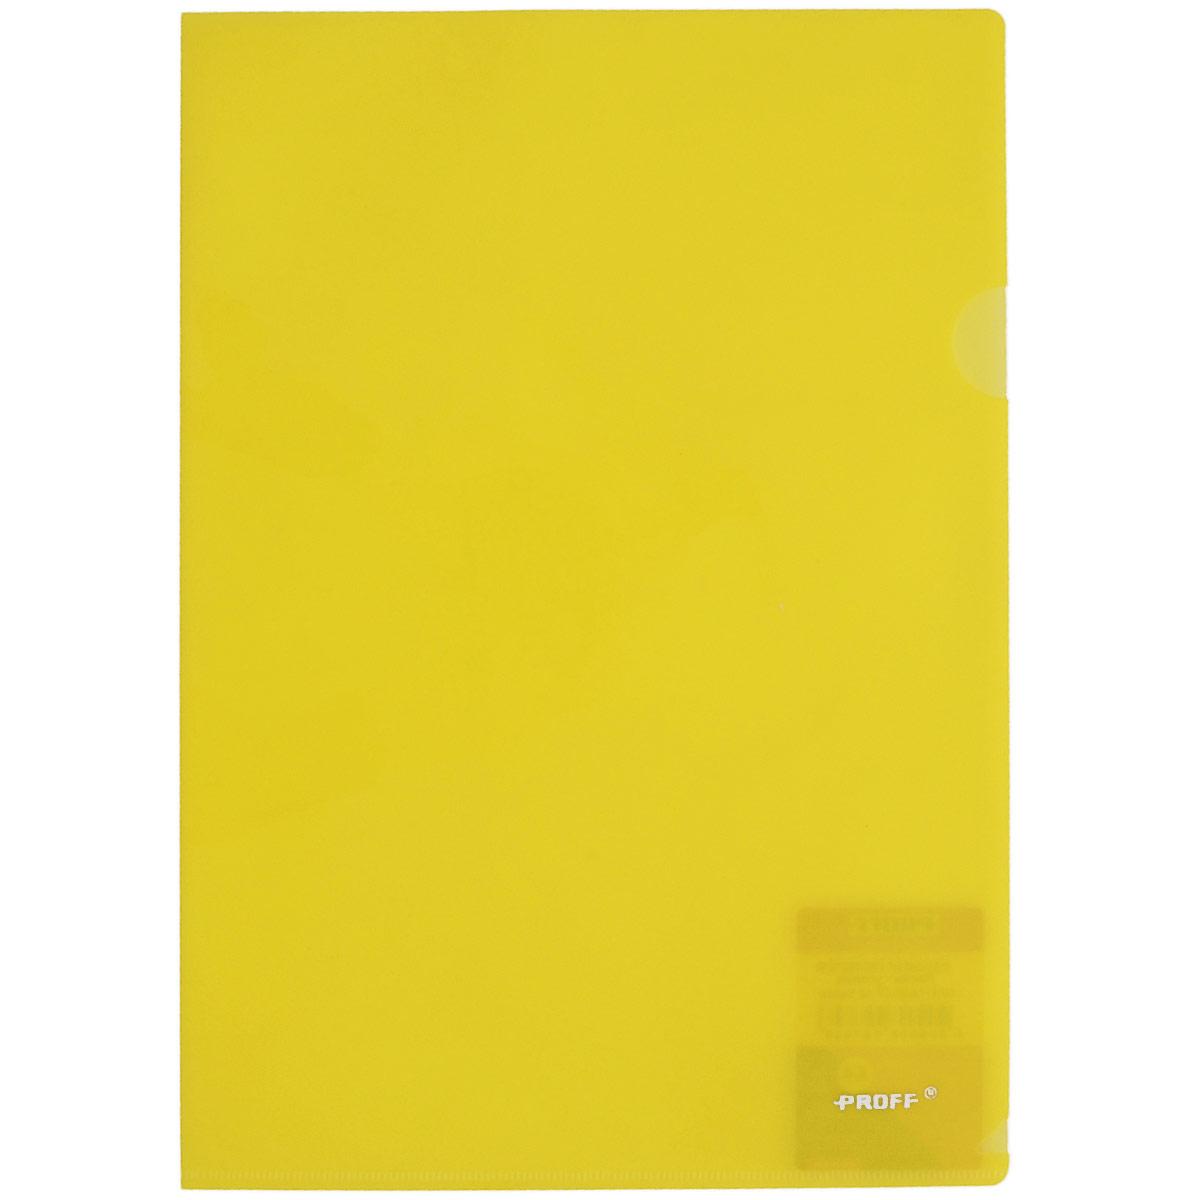 Папка-уголок Proff Alpha, цвет: желтый. Формат А42010440Папка-уголок Proff Alpha, изготовленная из высококачественного полипропилена, это удобный и практичный офисный инструмент, предназначенный для хранения и транспортировки рабочих бумаг и документов формата А4. Полупрозрачная глянцевая папка имеет опрятный и неброский вид. Папка-уголок - это незаменимый атрибут для студента, школьника, офисного работника. Такая папка надежно сохранит ваши документы и сбережет их от повреждений, пыли и влаги.